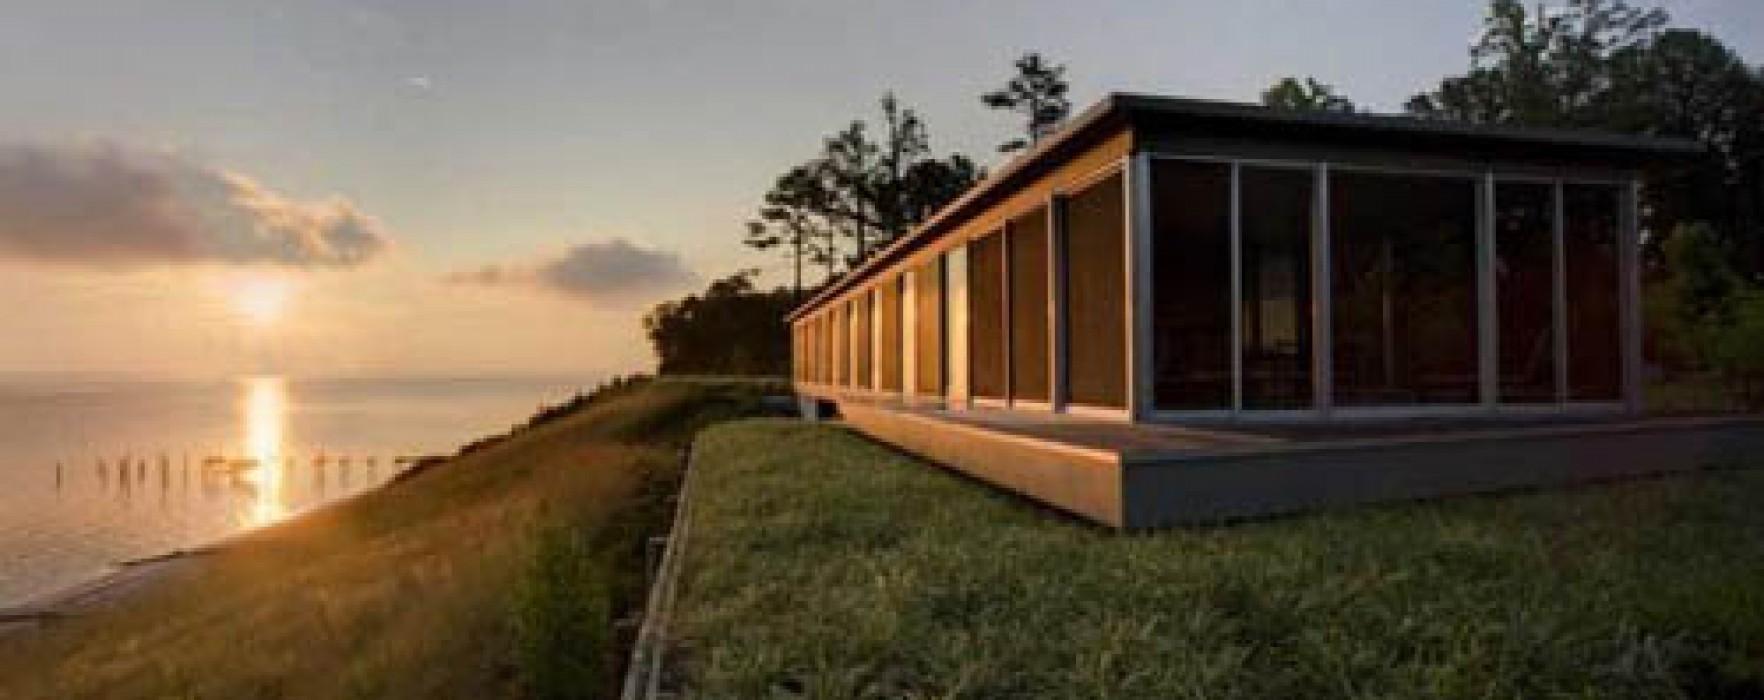 Case prefabbricate autosufficienti for Casa in legno tradizionale